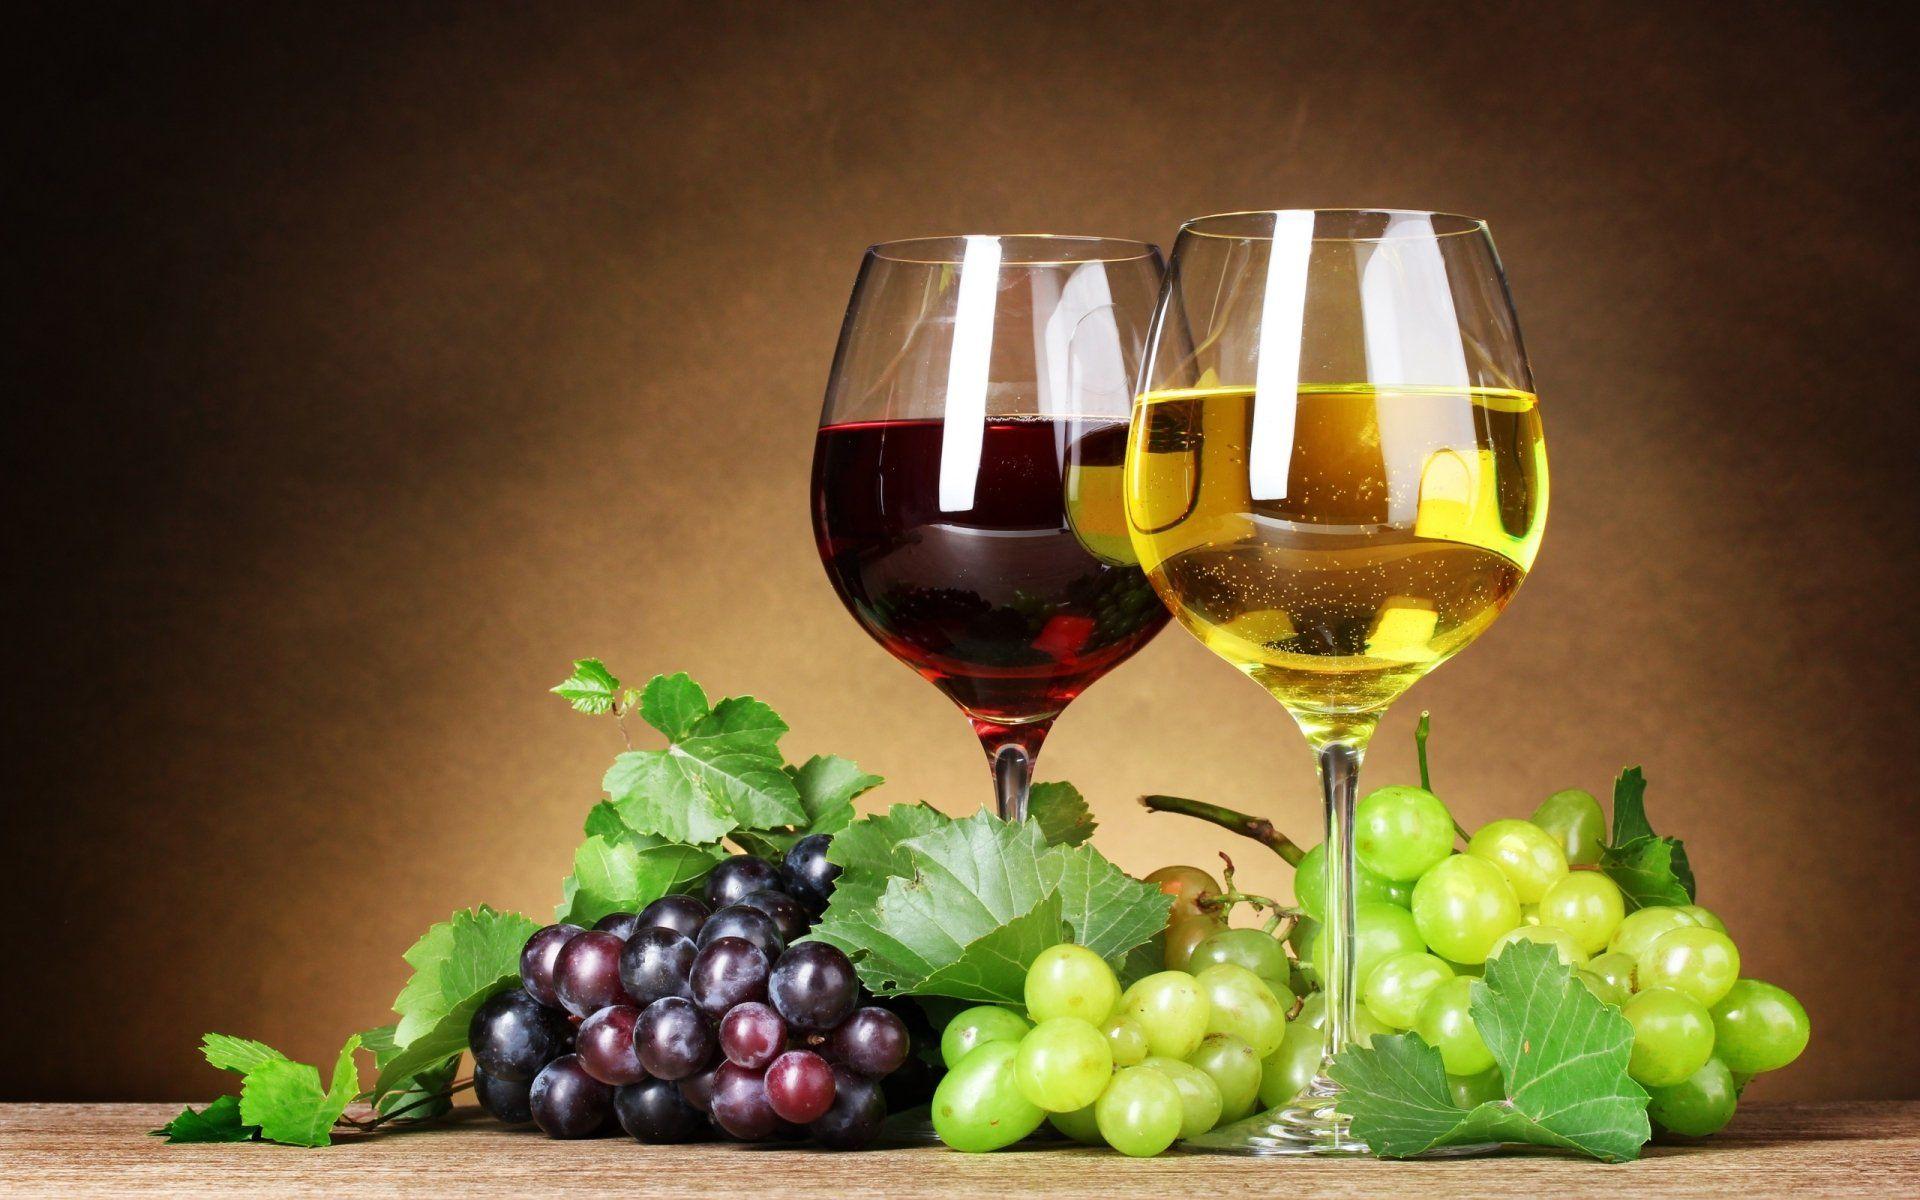 Weintraube / Grape + Obst - Früchte / Fruit